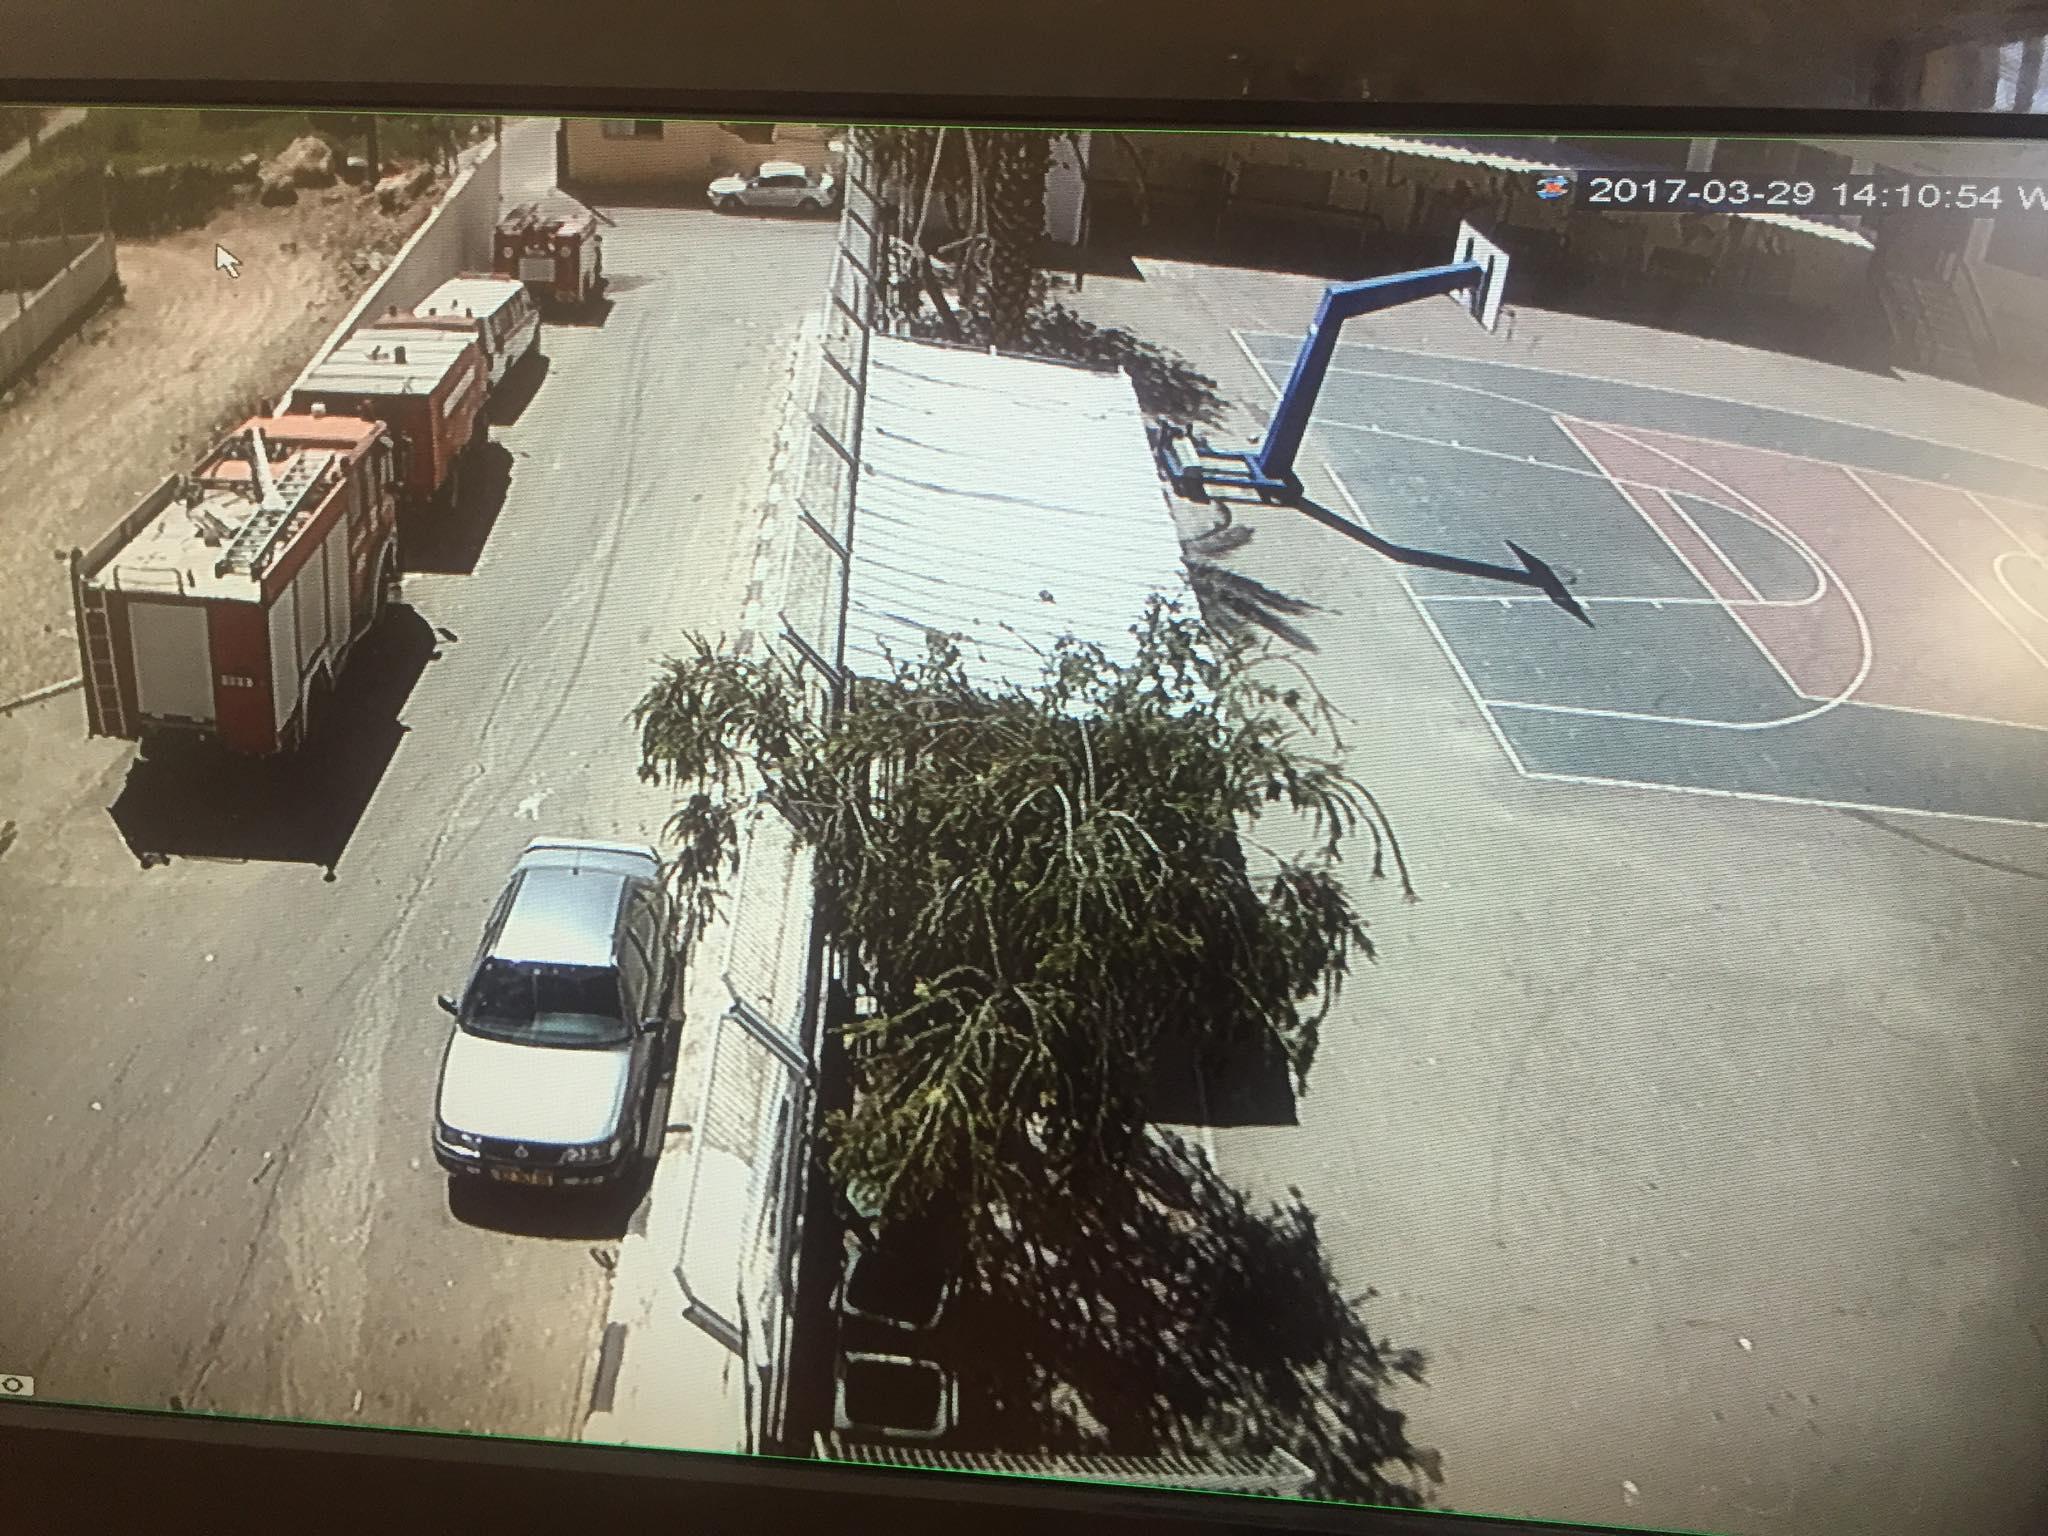 الانتهاء من تركيب كاميرات حماية لمدرسة برطعة الاساسية للبنين .